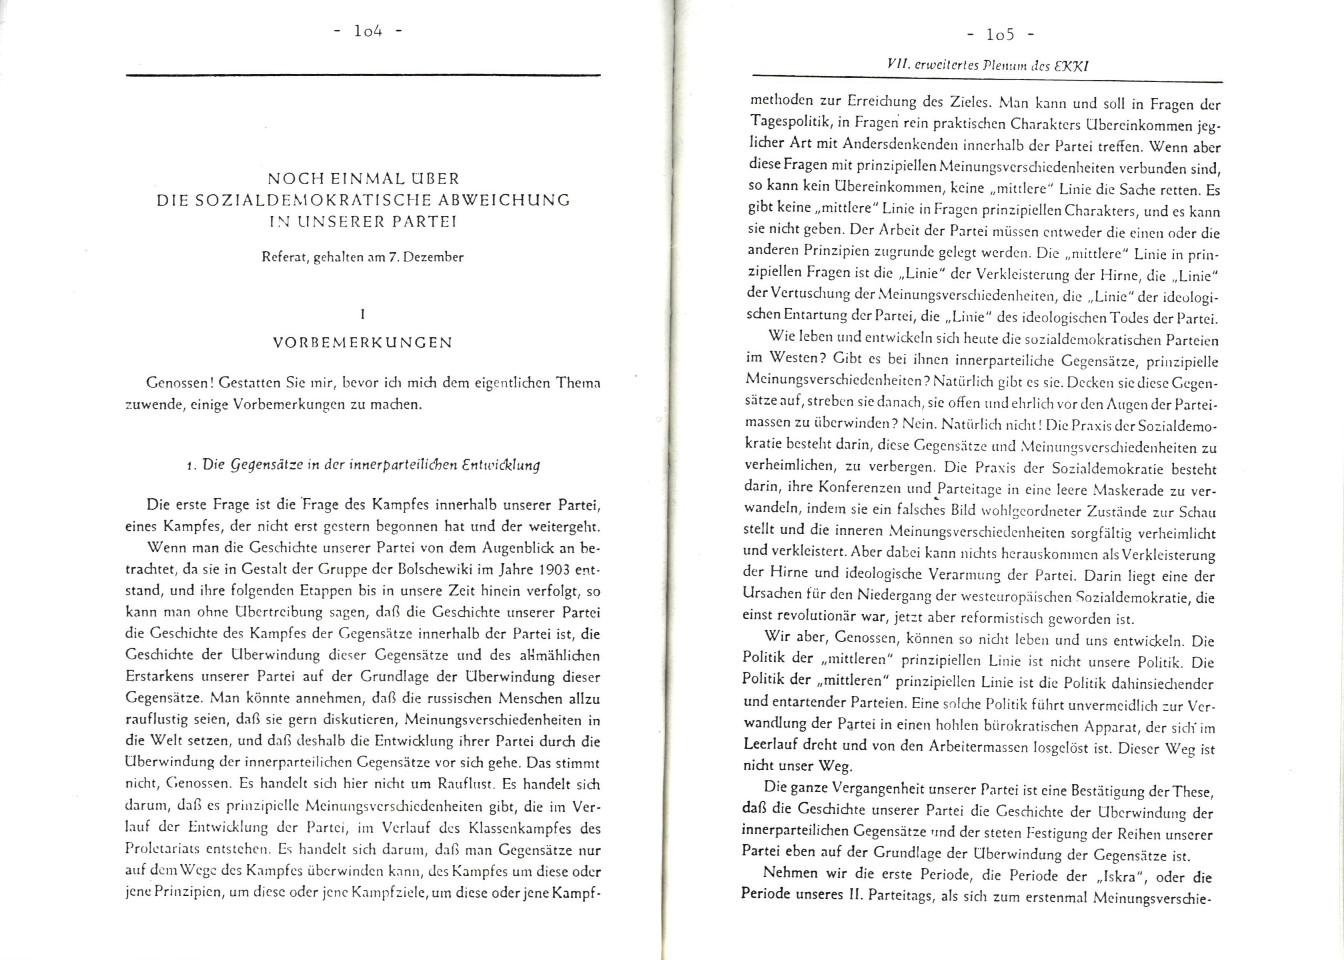 MLSK_Theorie_und_Praxis_des_ML_1979_25_53